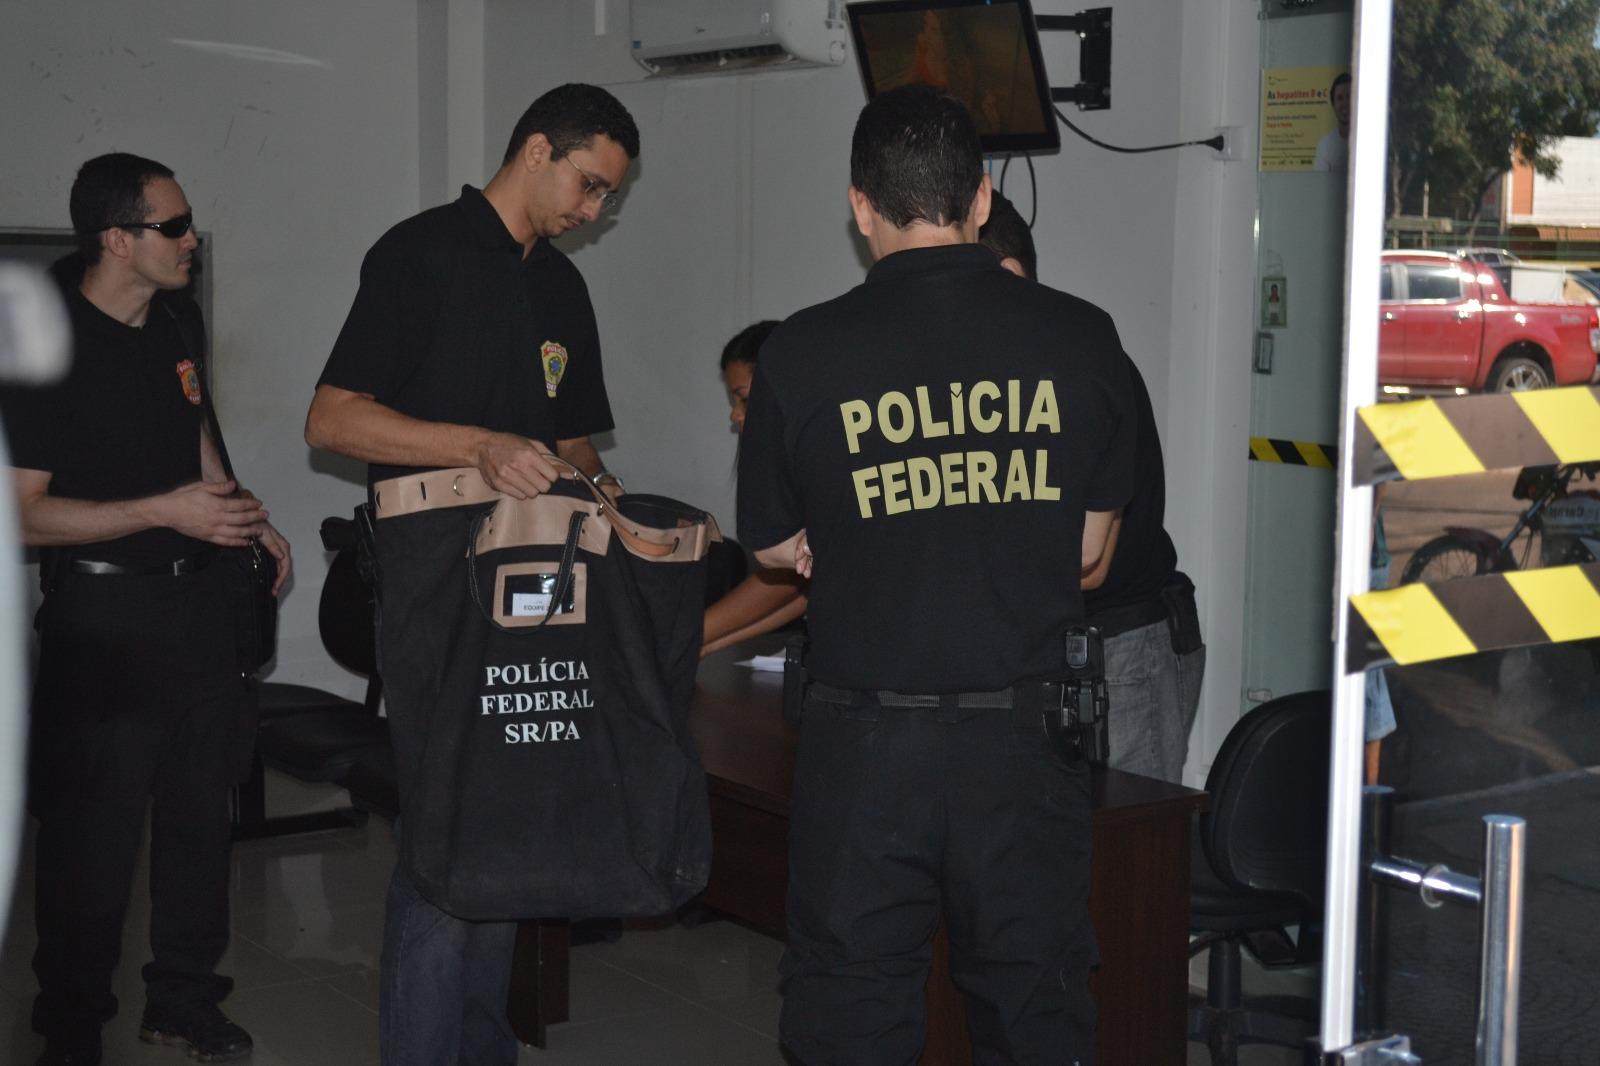 Operação Asfixia: Policia Federal cumpre mandado na Prefeitura de Parauapebas e Marabá